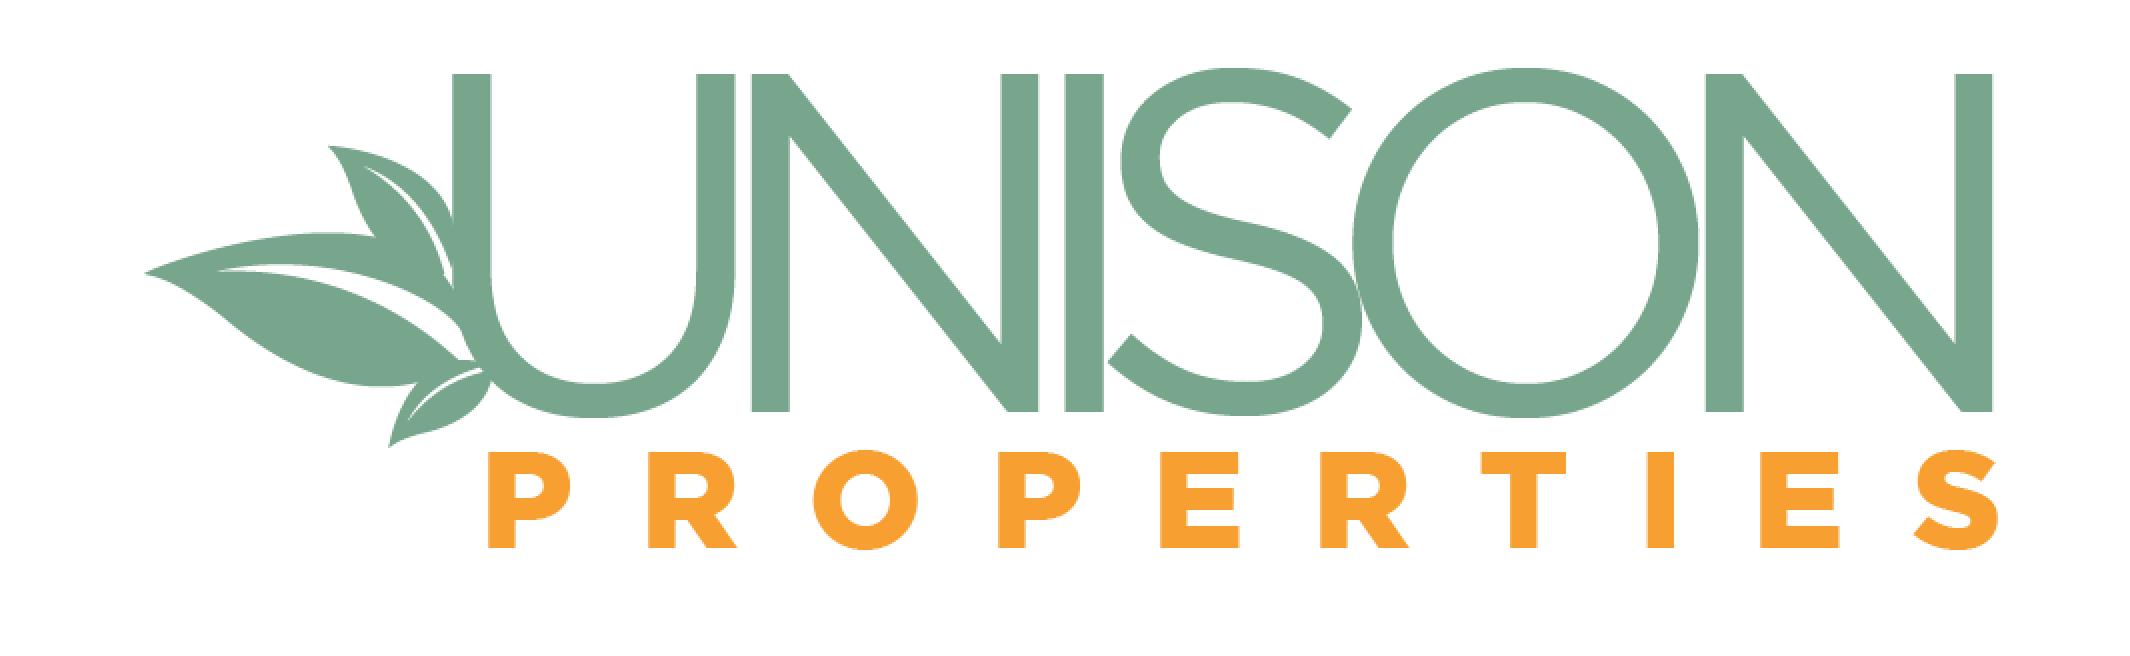 Unison Properties